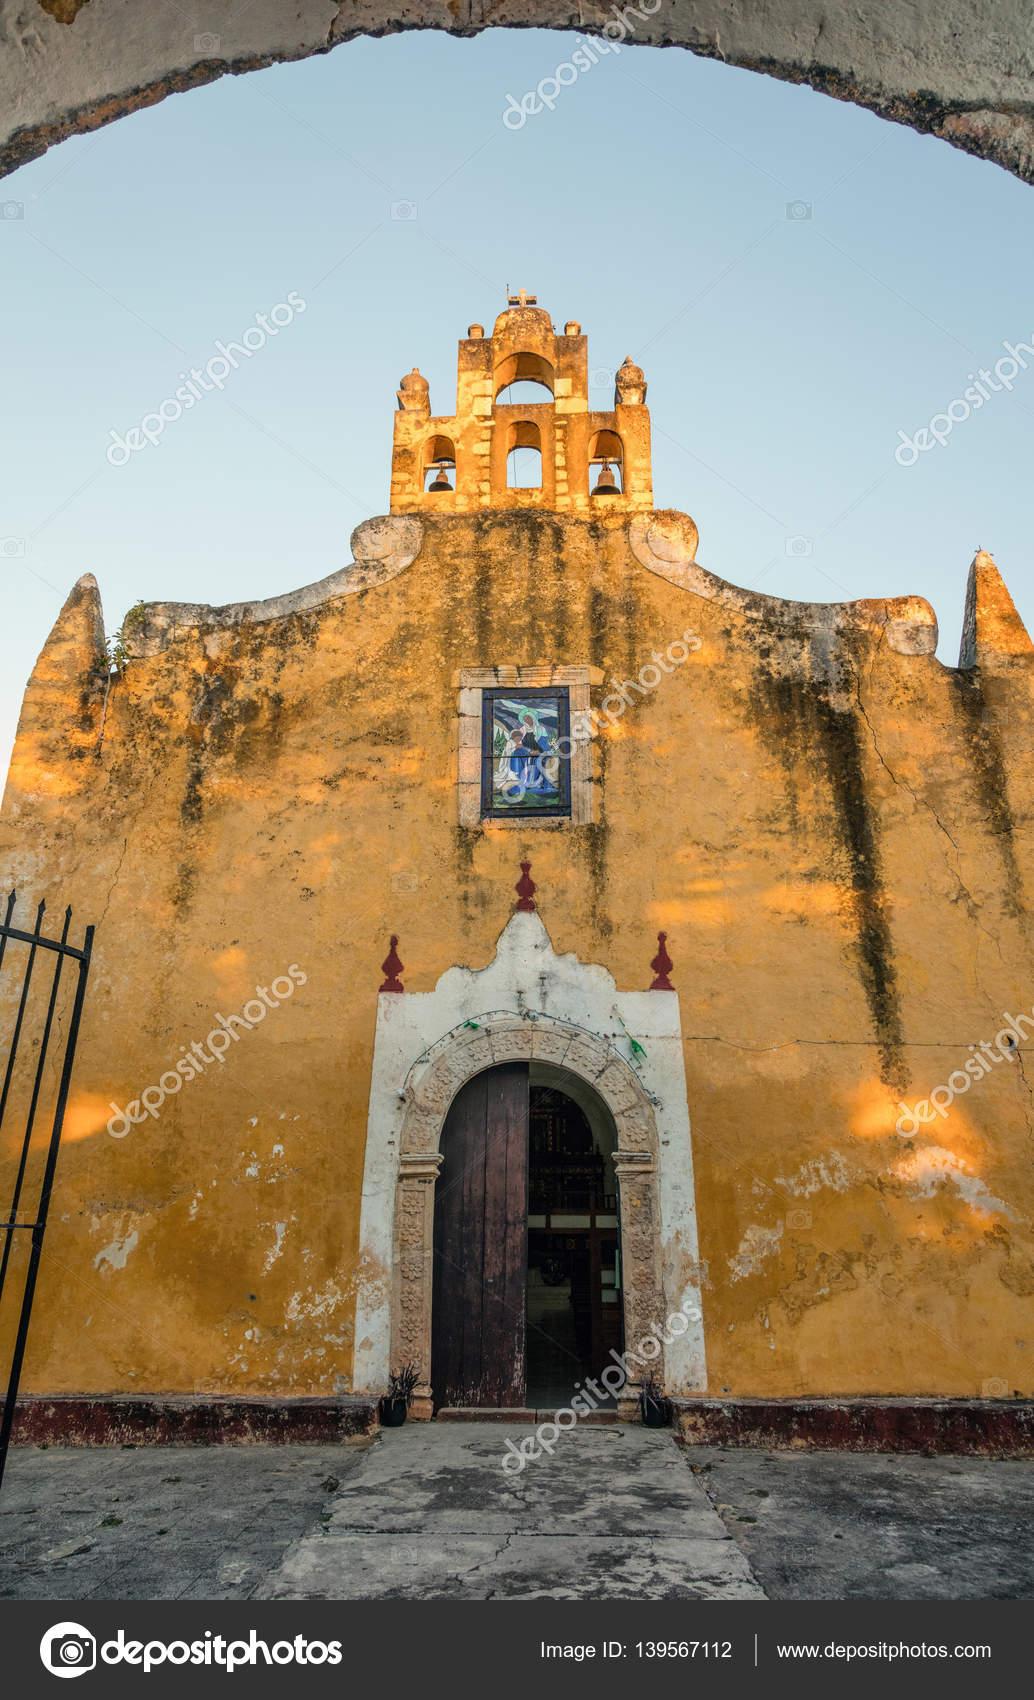 Iglesia de santa ana en valladolid yucat n m xico - Santa ana valladolid ...